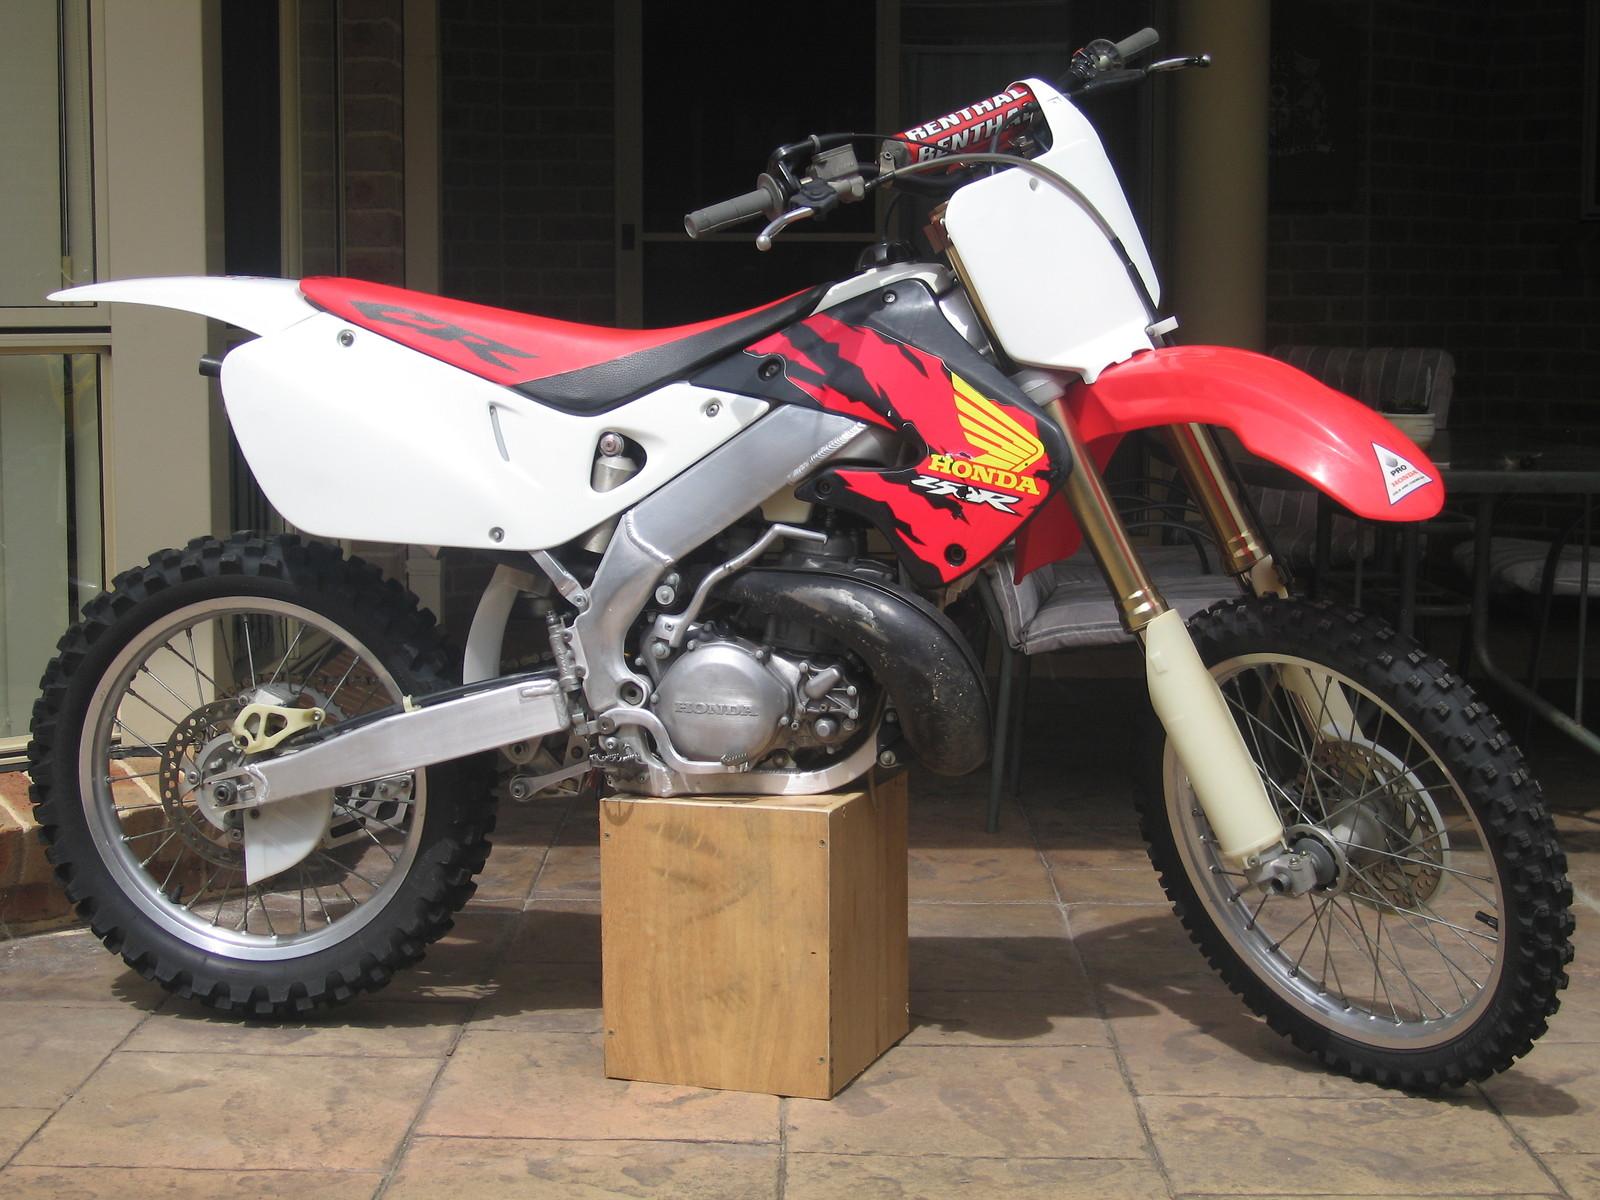 97 CR250 - lardcaster - Motocross Pictures - Vital MX